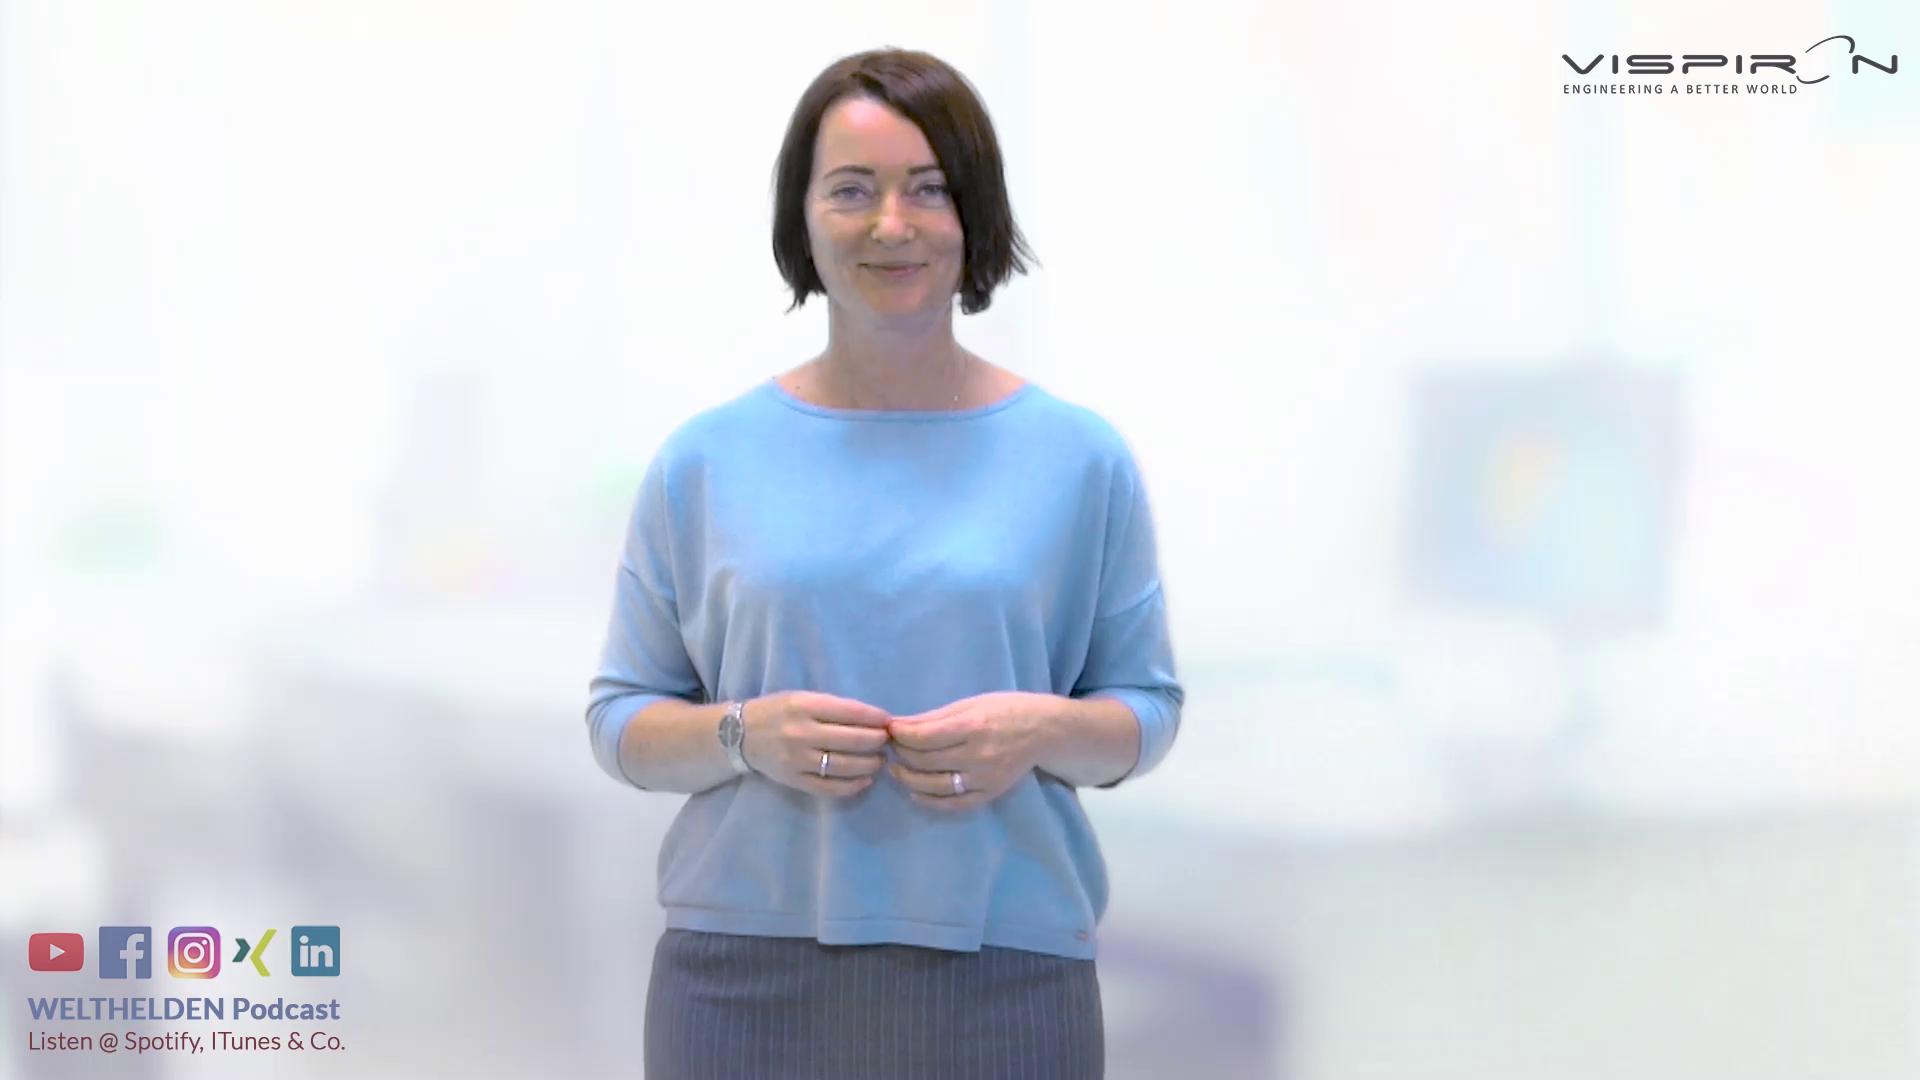 Teamleiterin für Qualitätsmanagement spricht über den Mehrwert für den Kunden